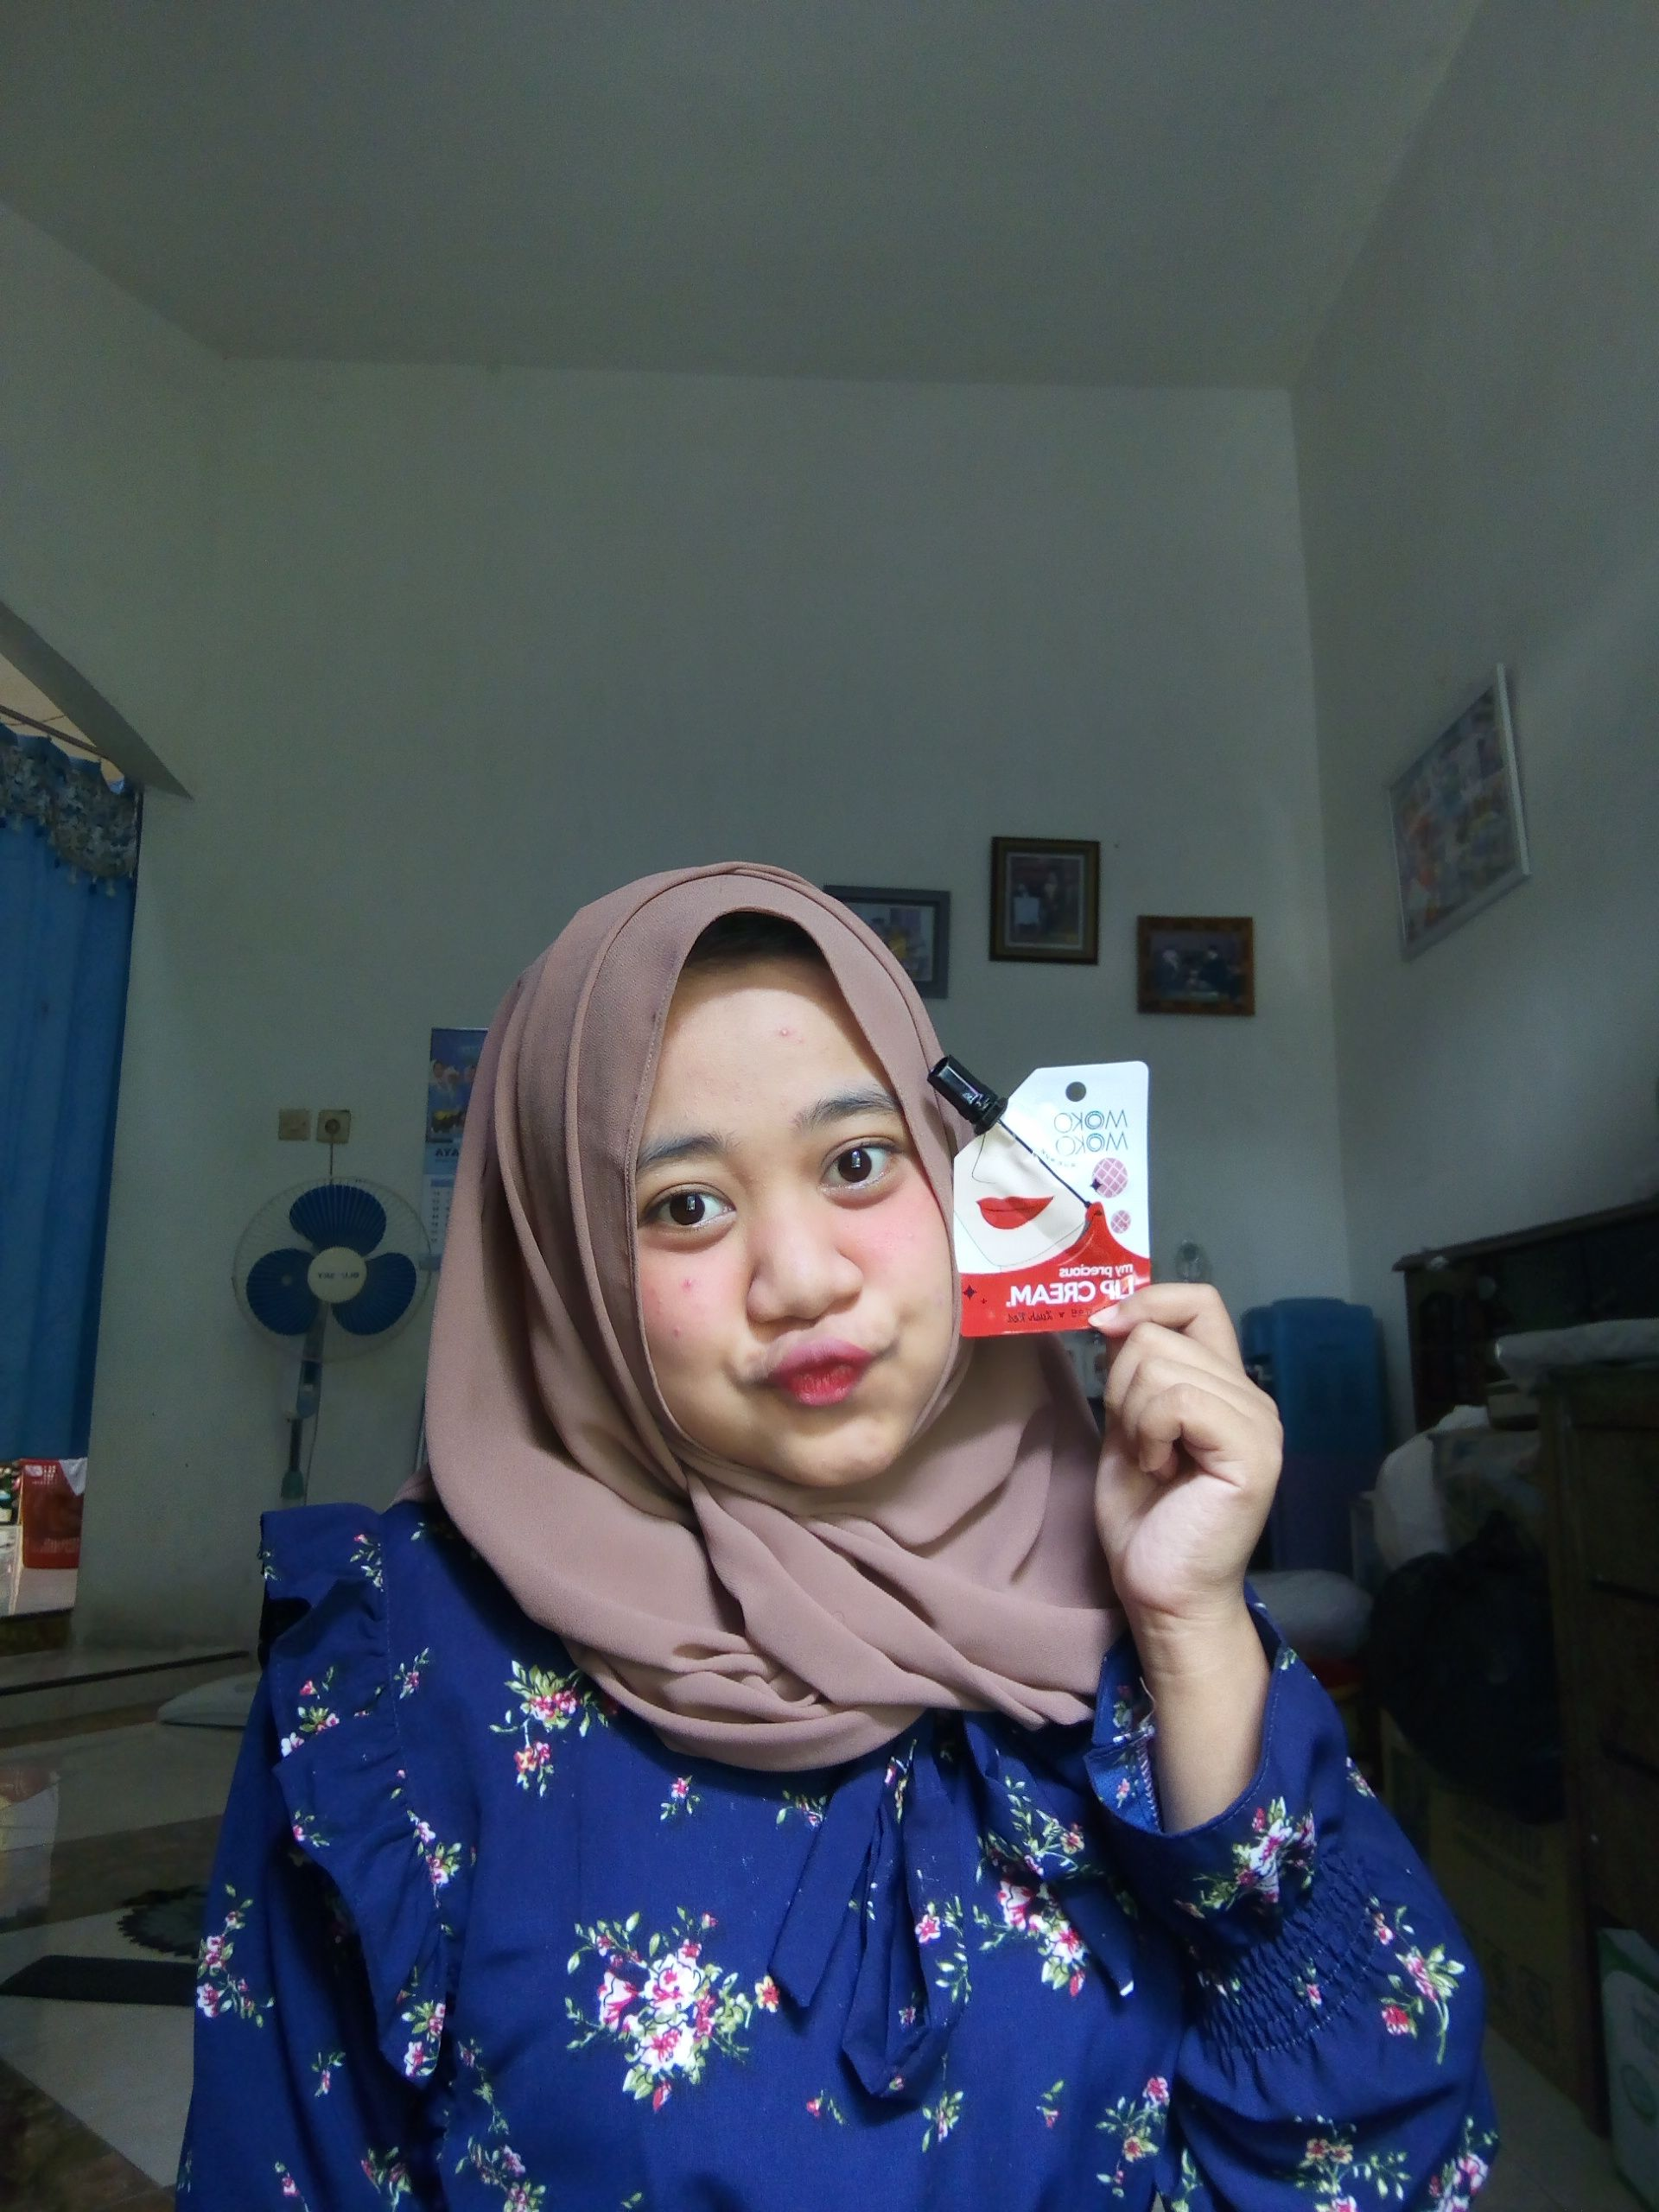 gambar review ke-1 untuk Moko Moko My Precious Lip Creme